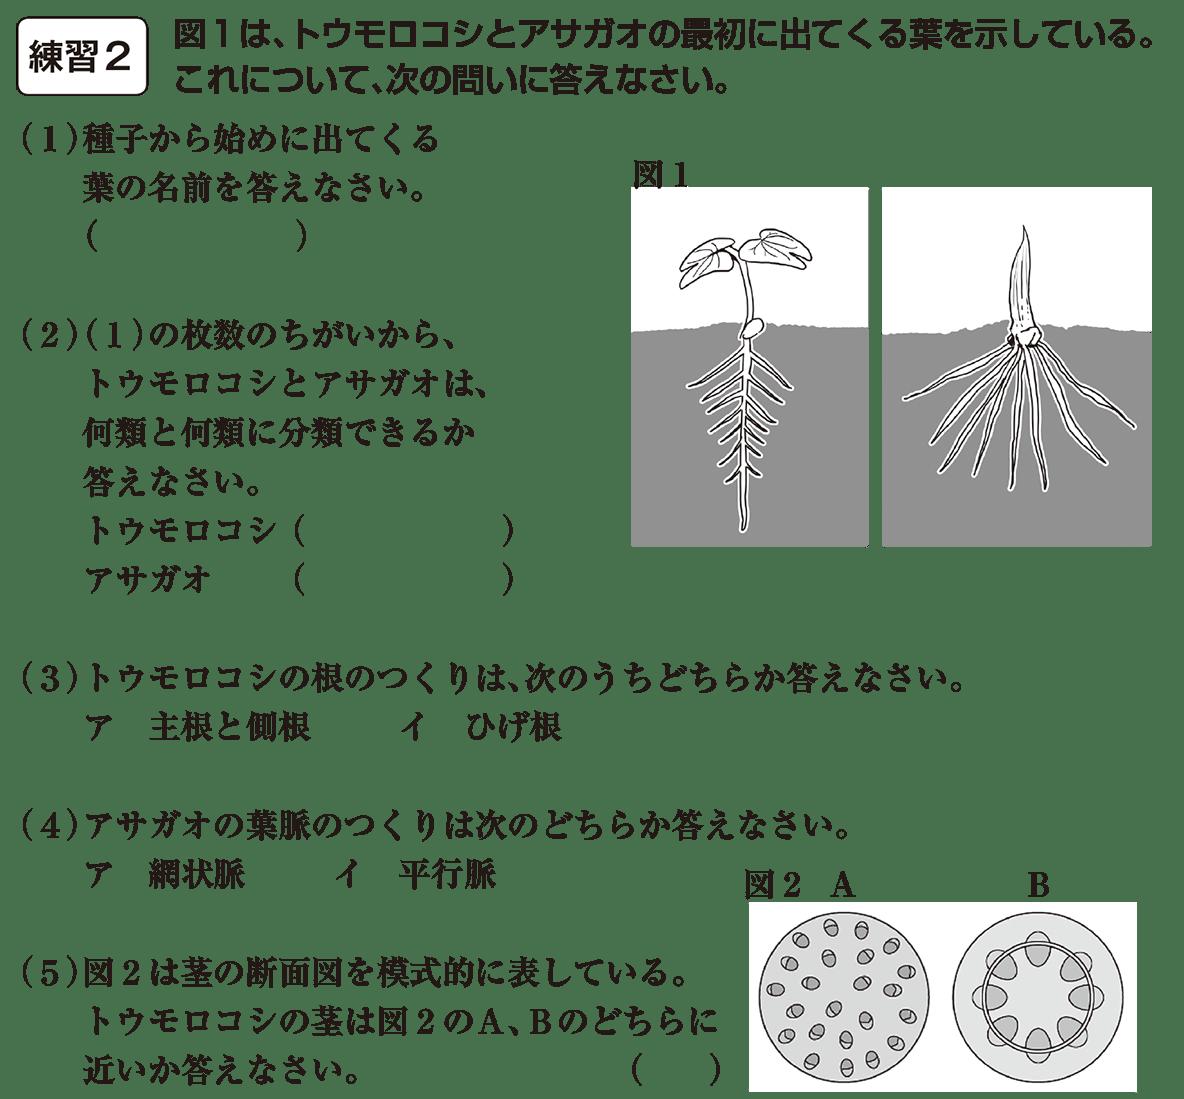 中1 理科生物14練習2(答えなし)